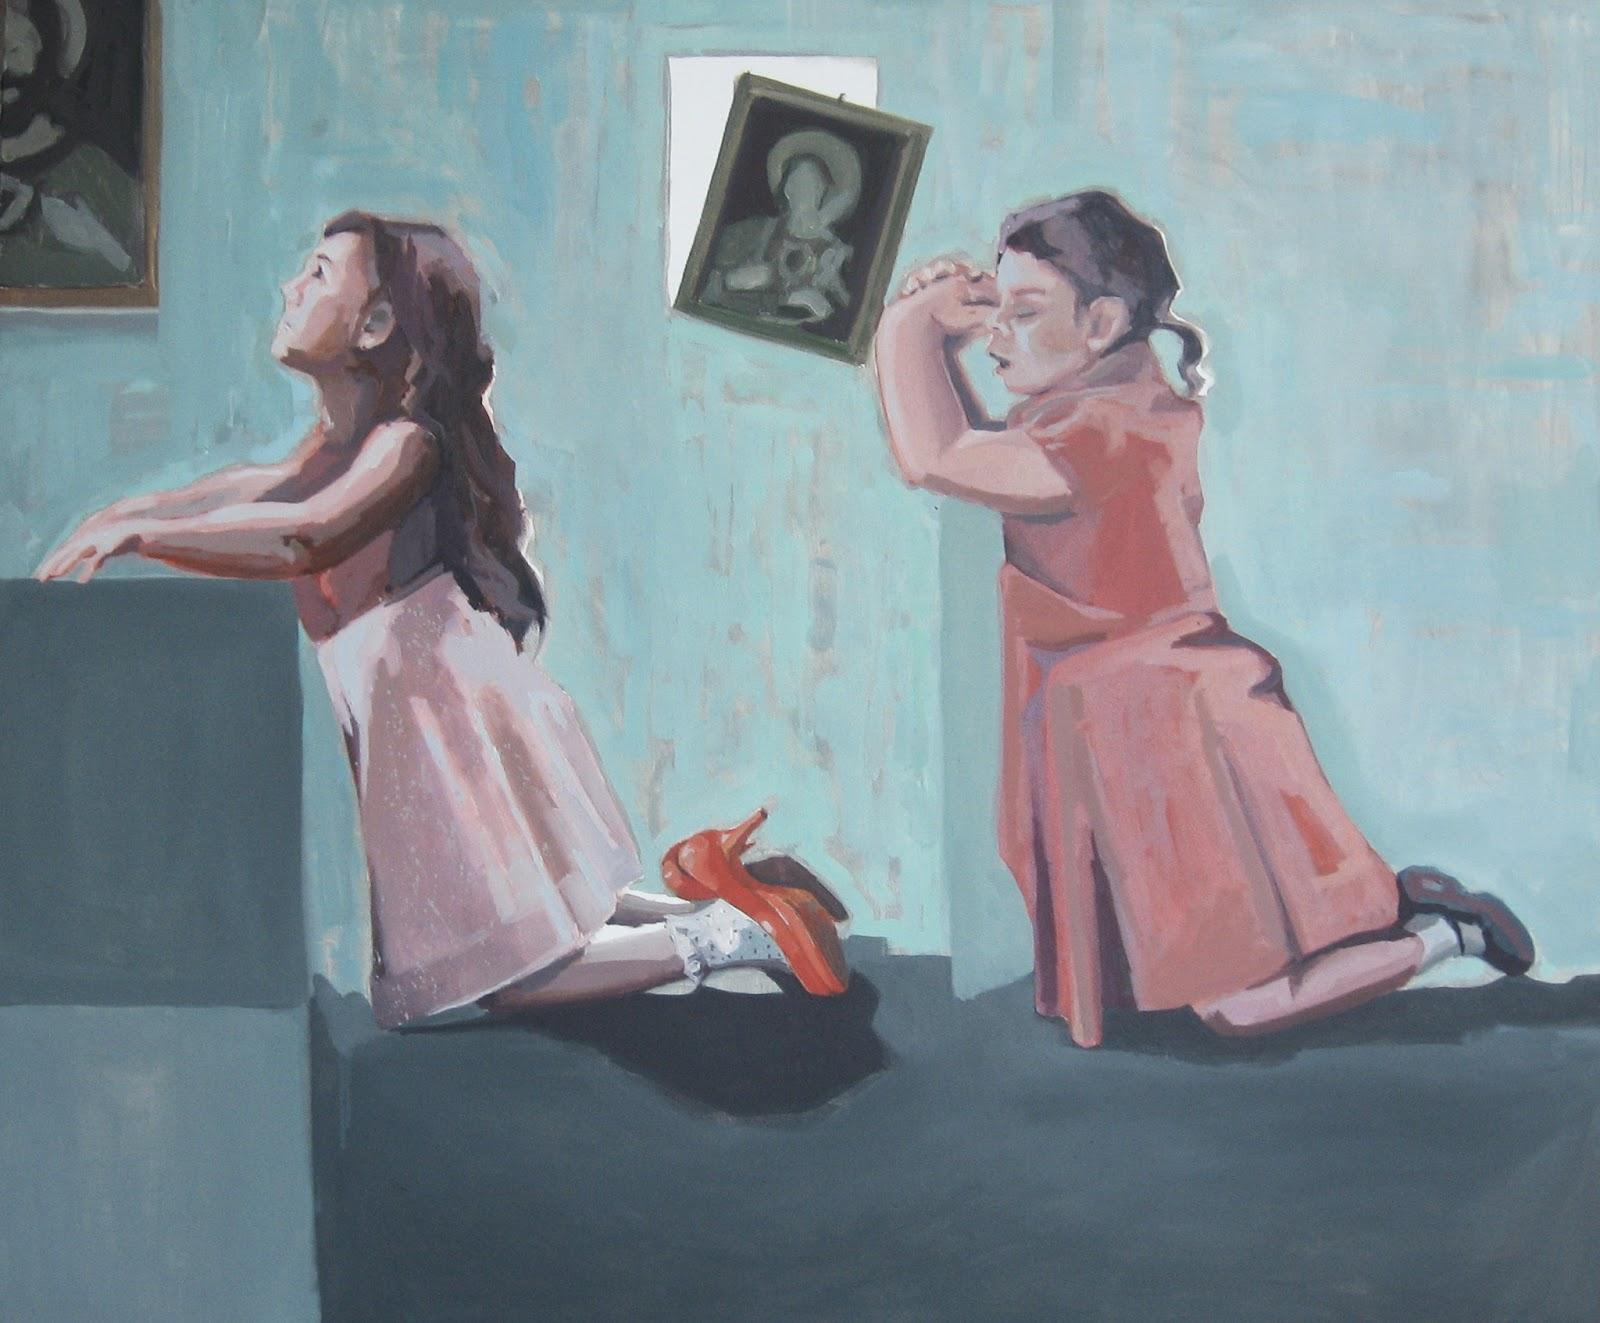 malarstwo ludzie tematyka społeczna dzieci dziewczynki małe modlitwa kościół Urbaniak